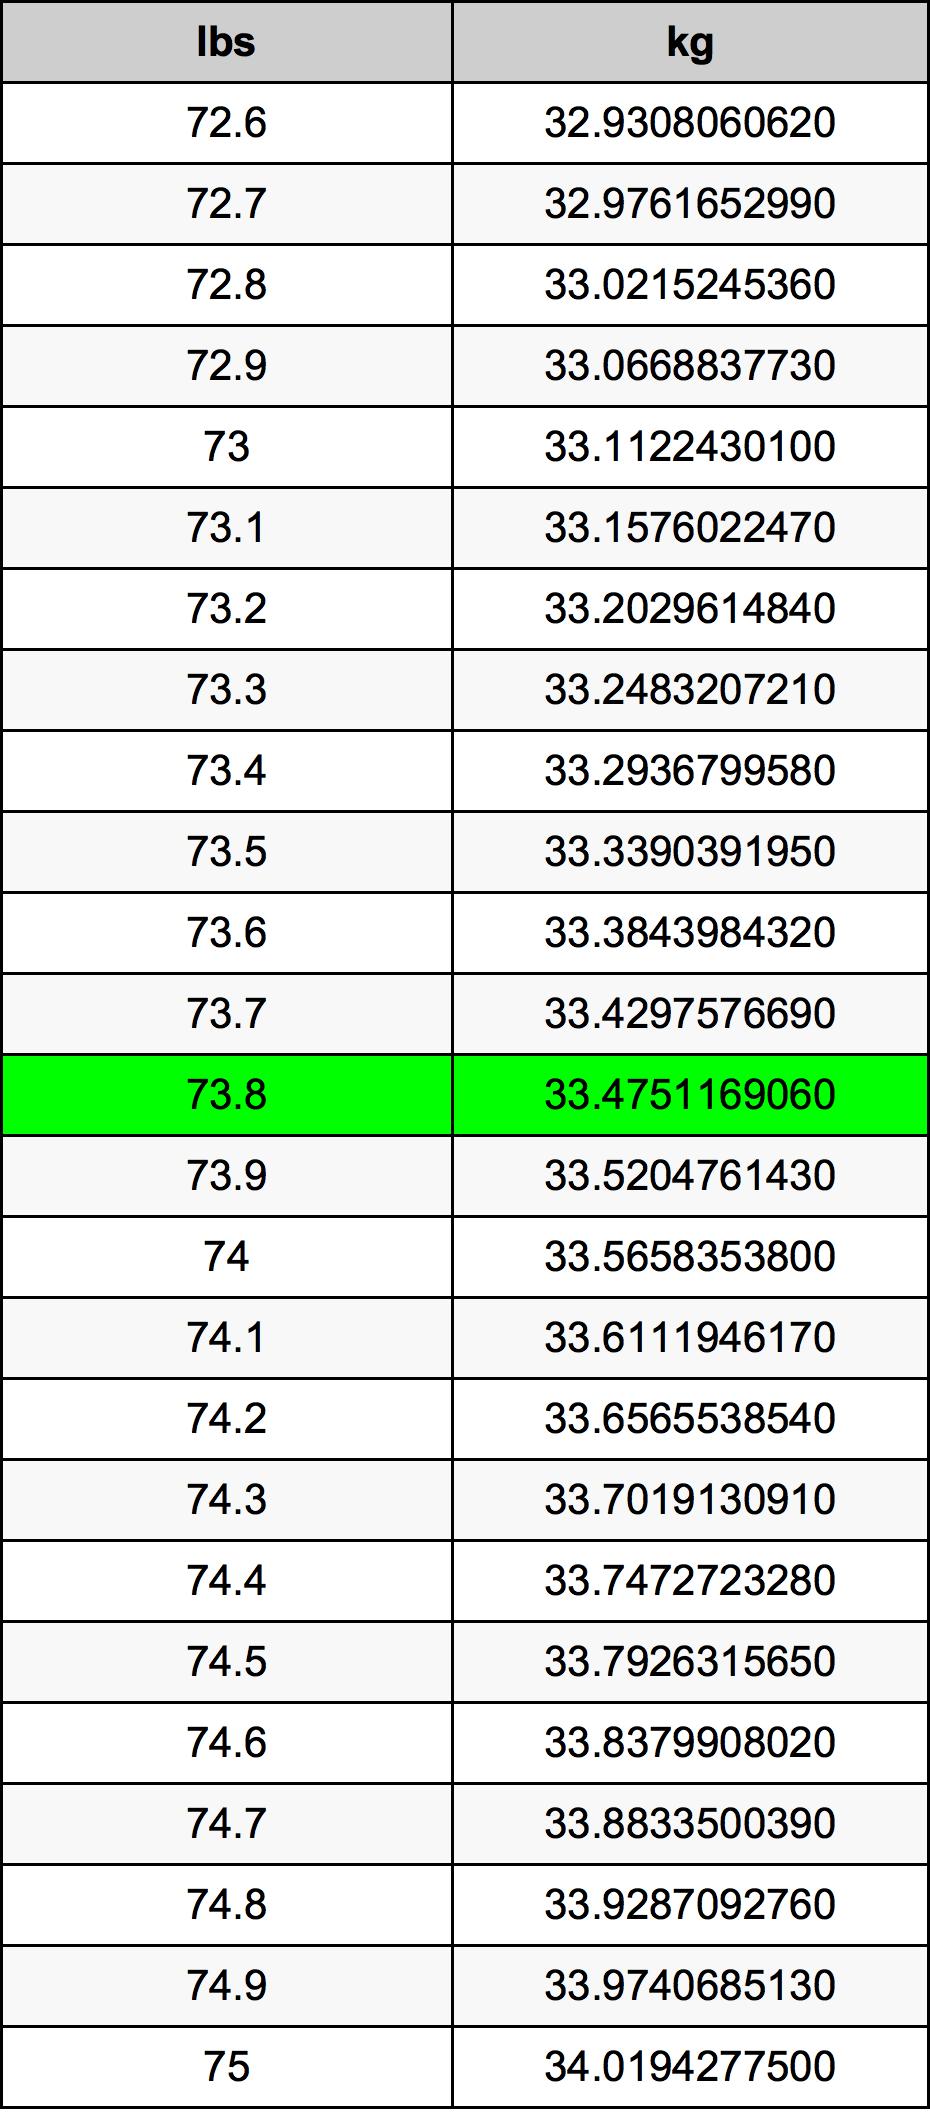 73.8 livră tabelul de conversie